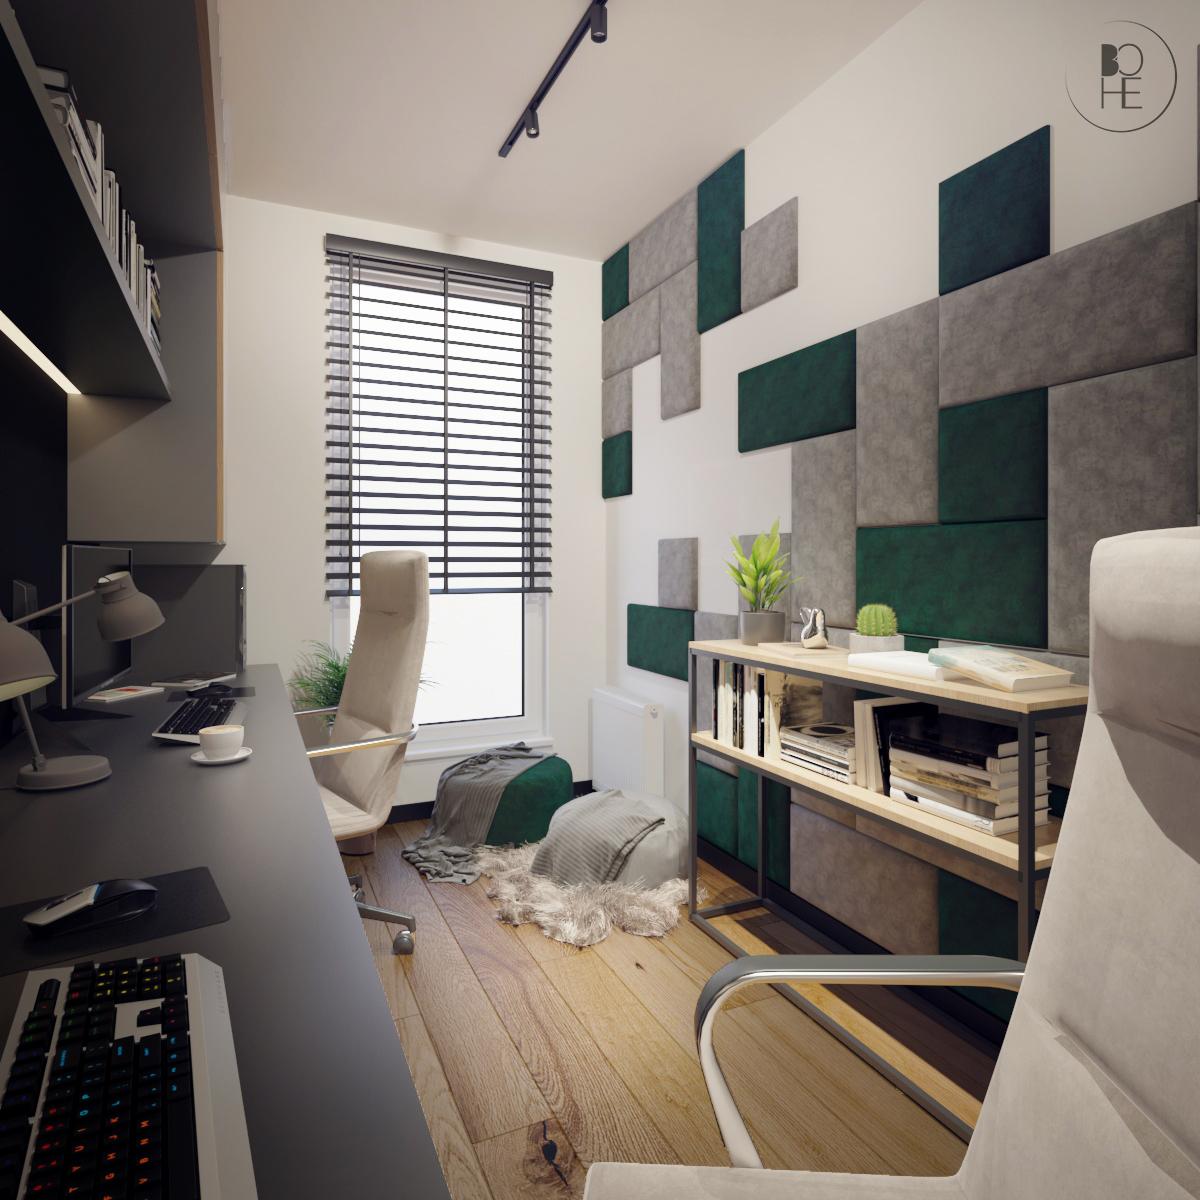 biuro projektowe Łódź aranżacja domowego biura z tapicerowanymi panelami